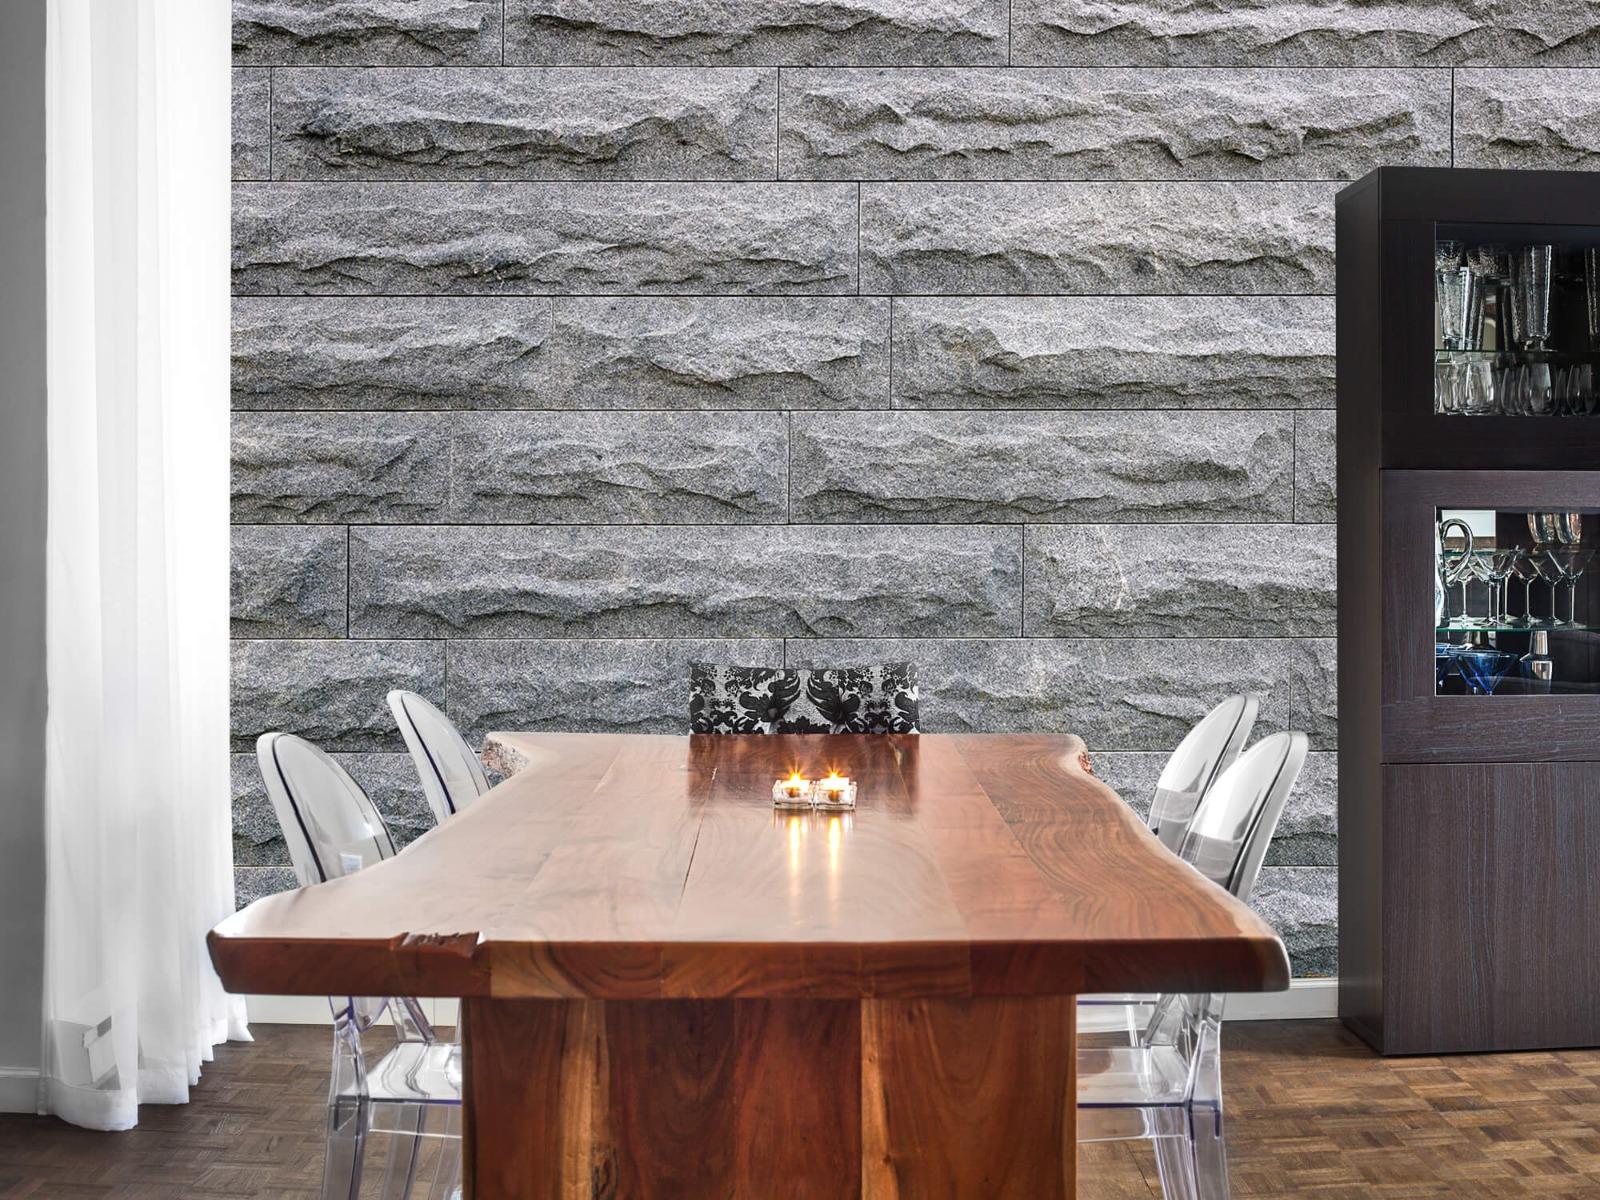 Steen behang - Grote grijze stenen - Slaapkamer 2